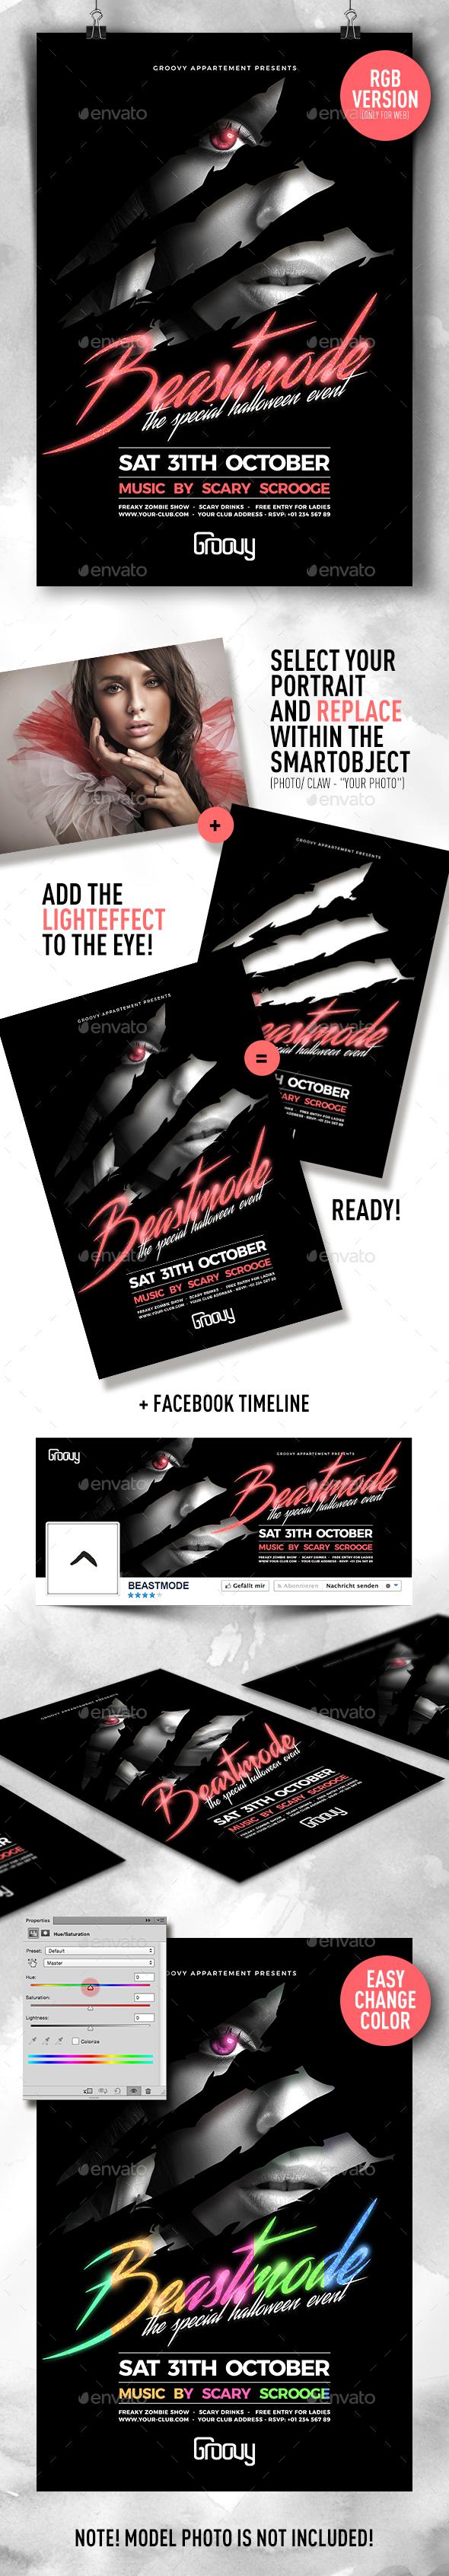 Beastmode Halloween Party Flyer